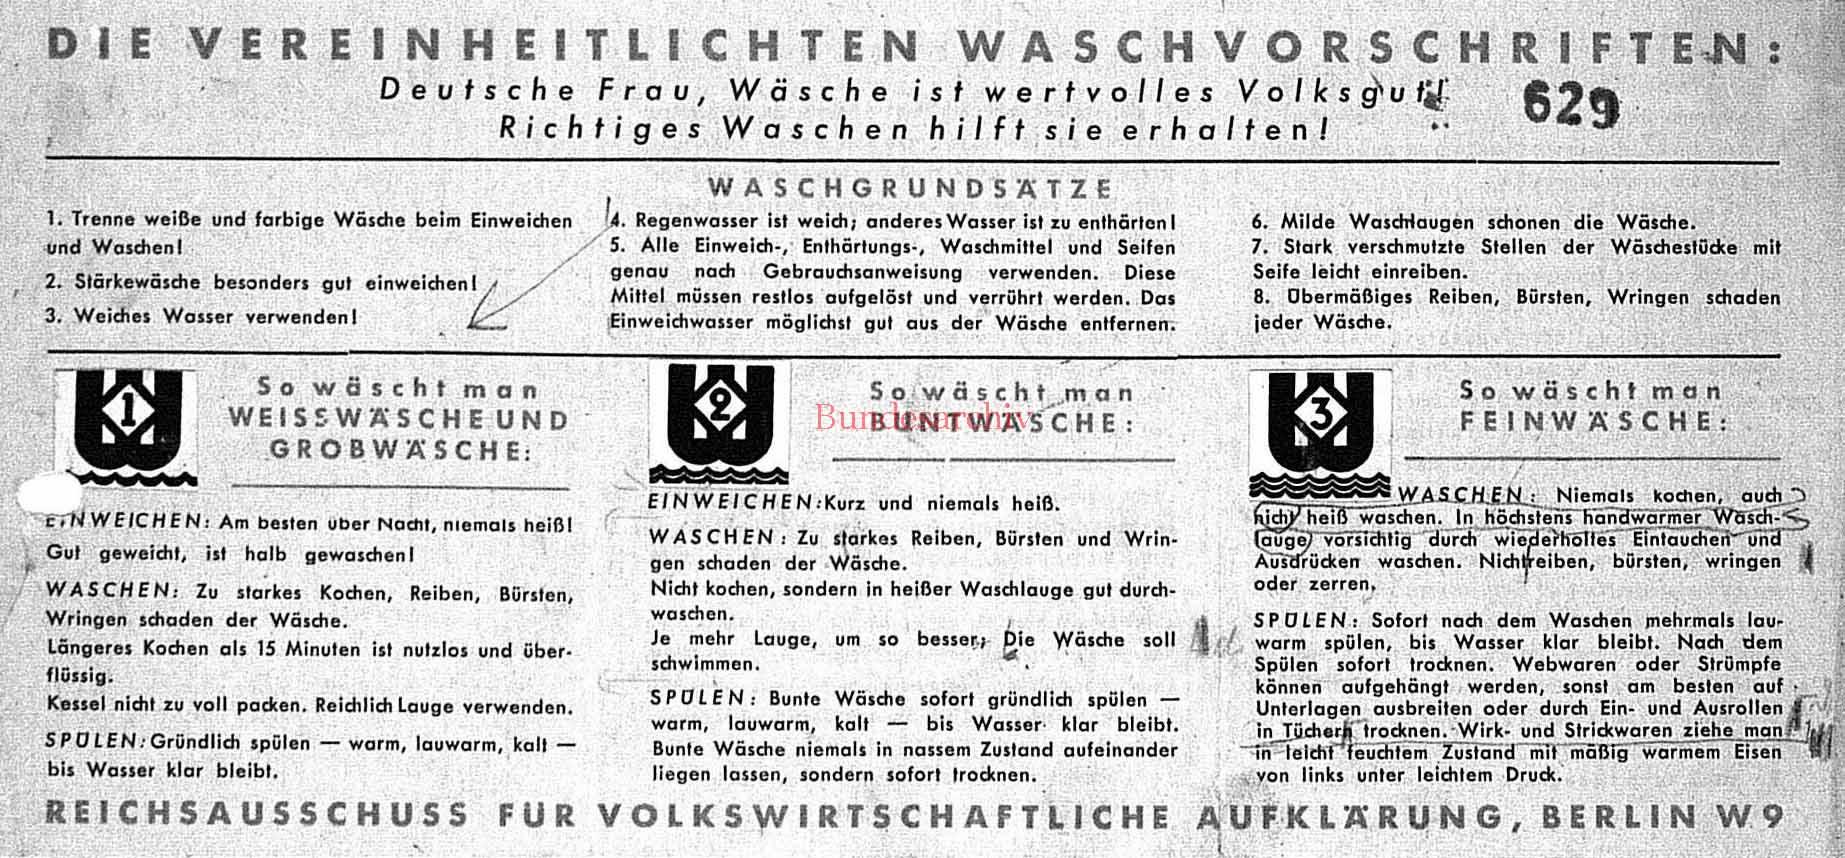 Vereinheitlichte Waschvorschriften, Faltblatt, Sommer 1939. Bundesarchiv